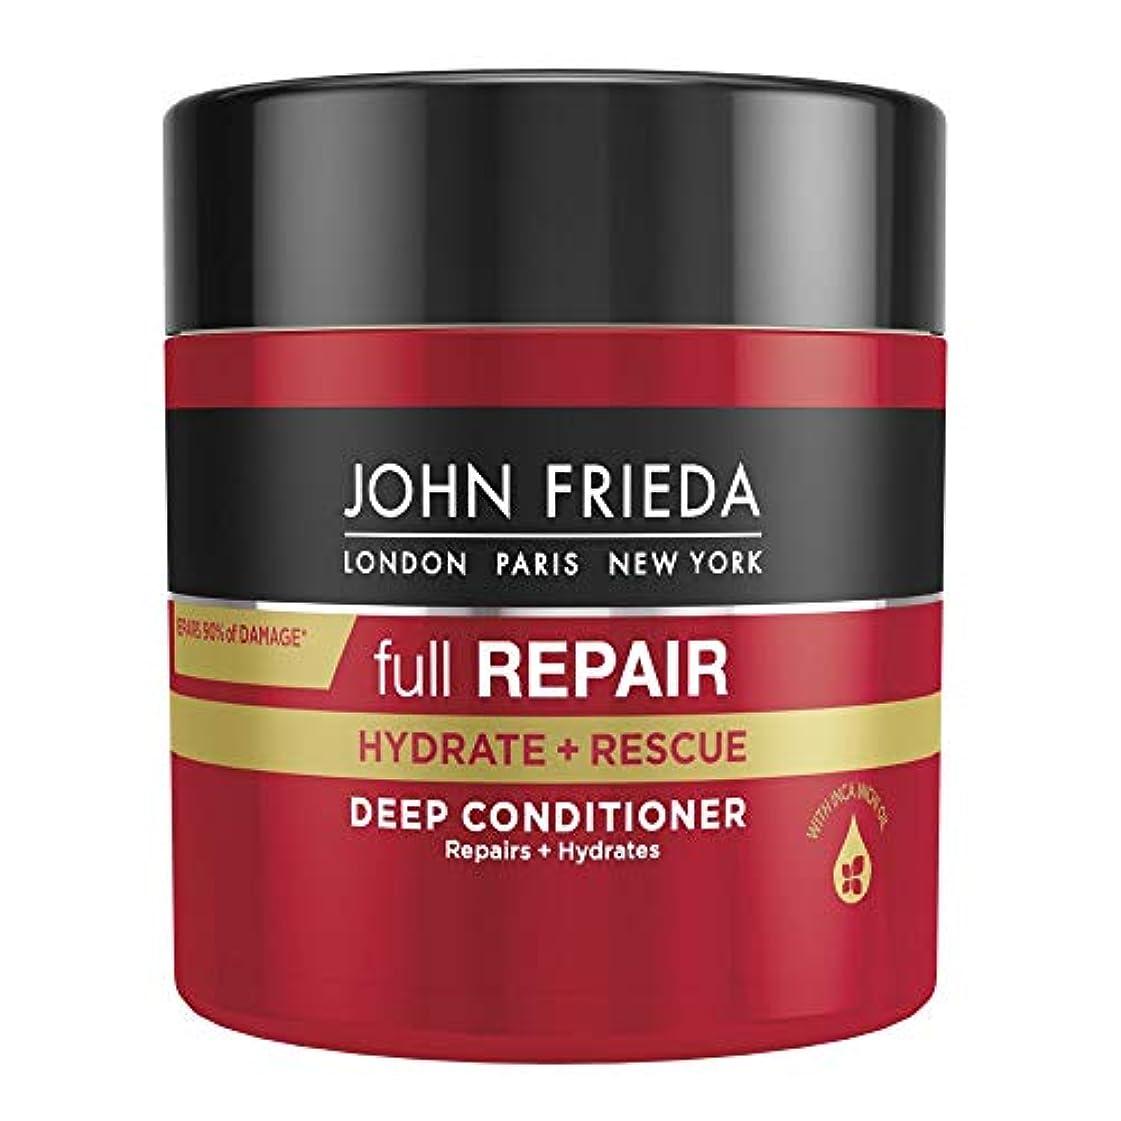 破裂調べる急いでJohn Frieda? Full Repair(TM) Deep Conditioner 150ml